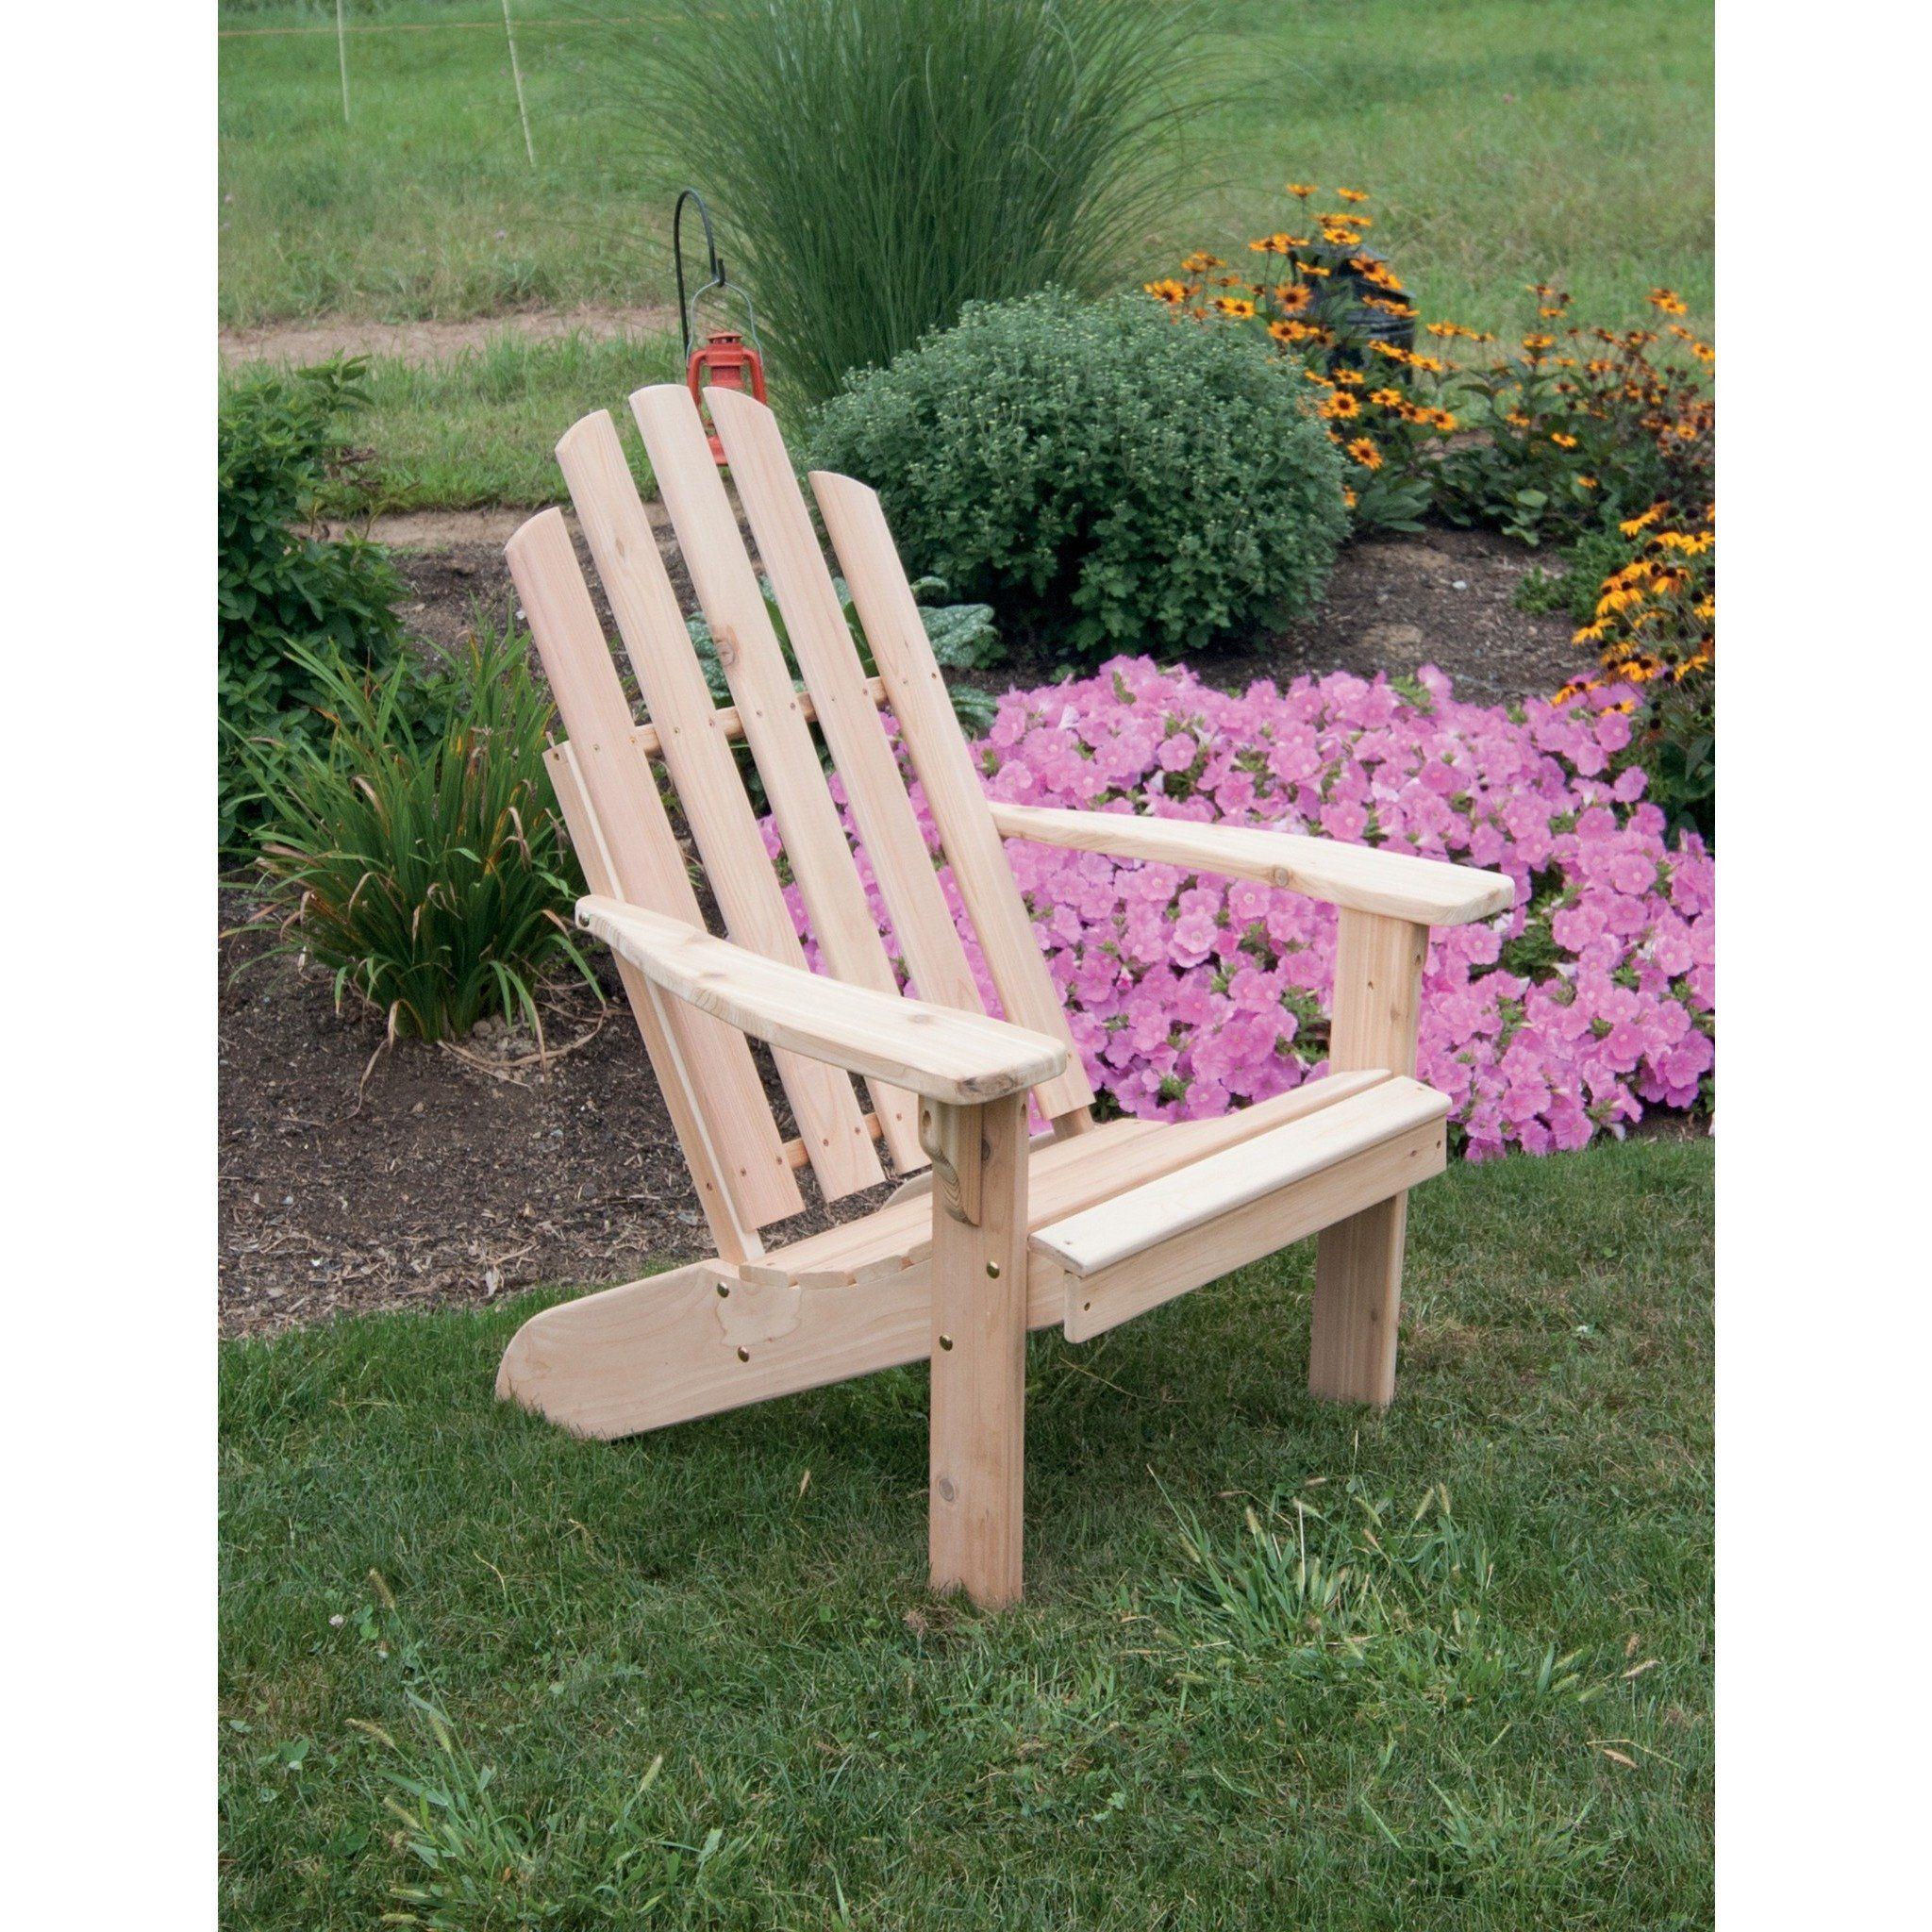 A L Furniture Co Western Red Cedar Kennebunkport Adirondack